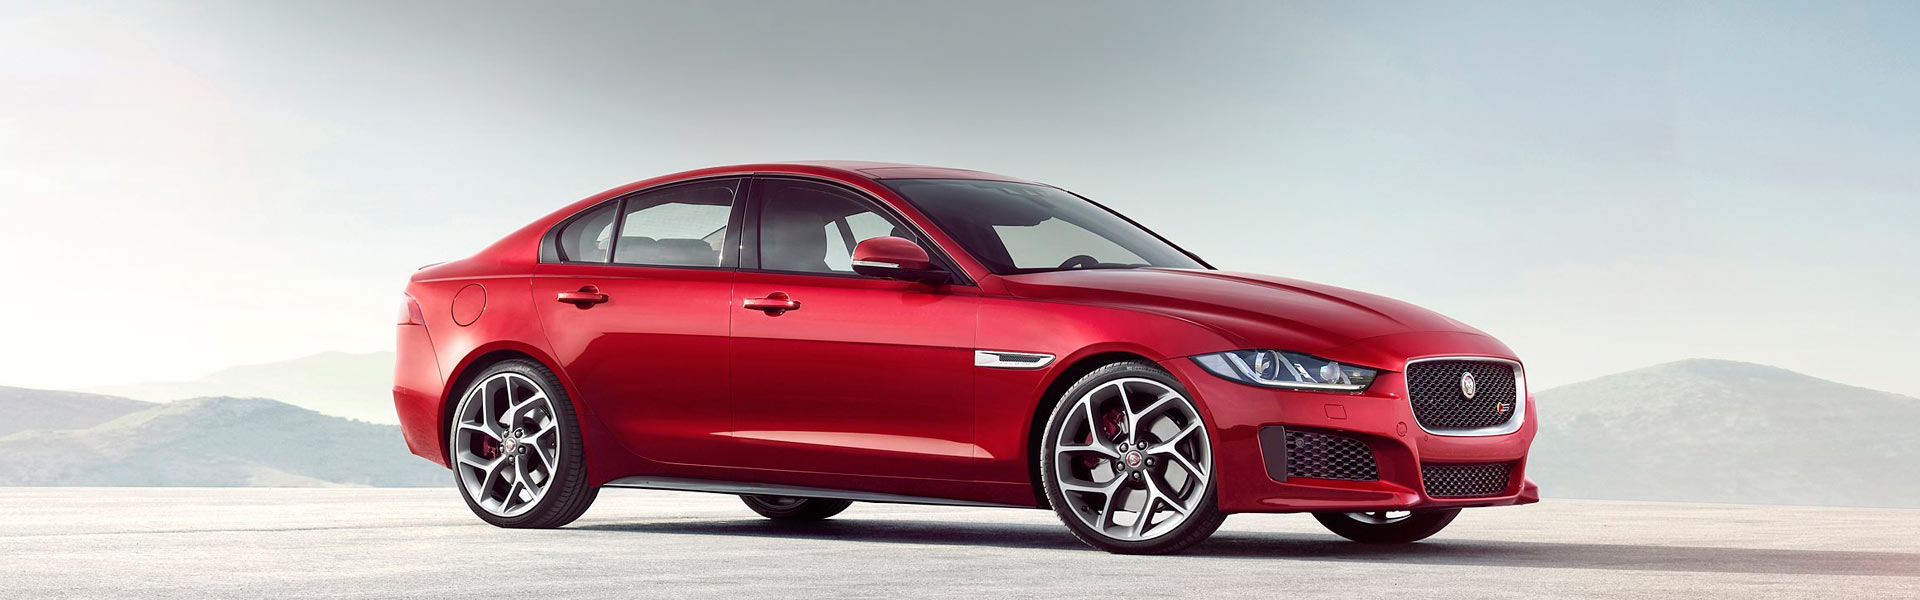 Замена катализатора Jaguar